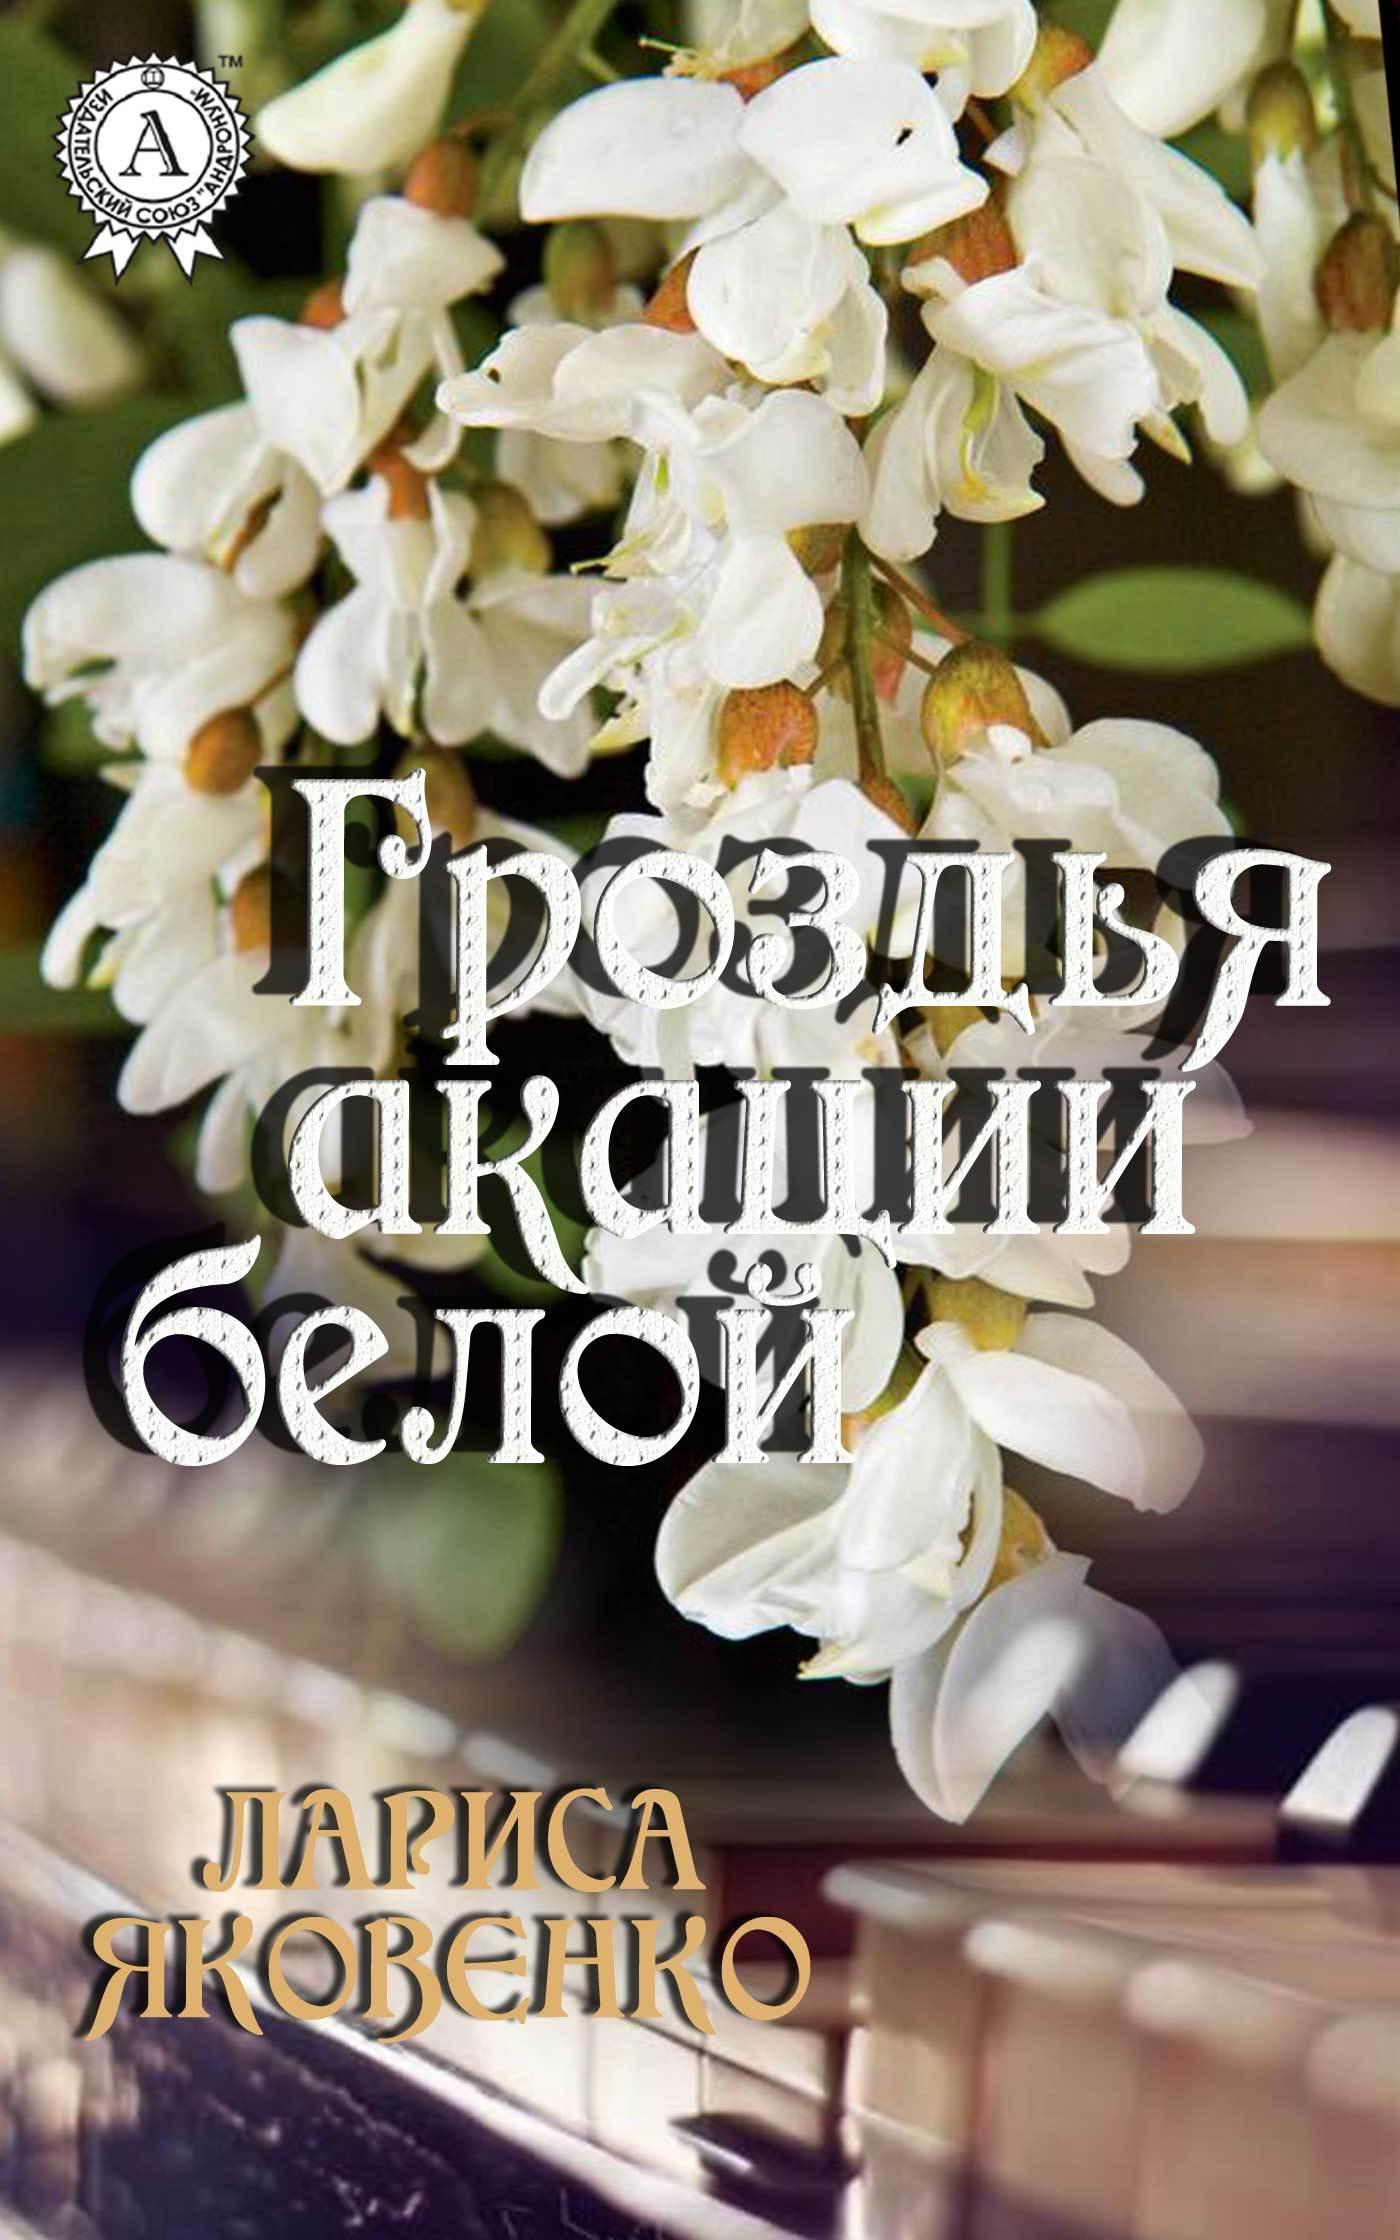 Лариса Яковенко Гроздья акации белой детство лидера